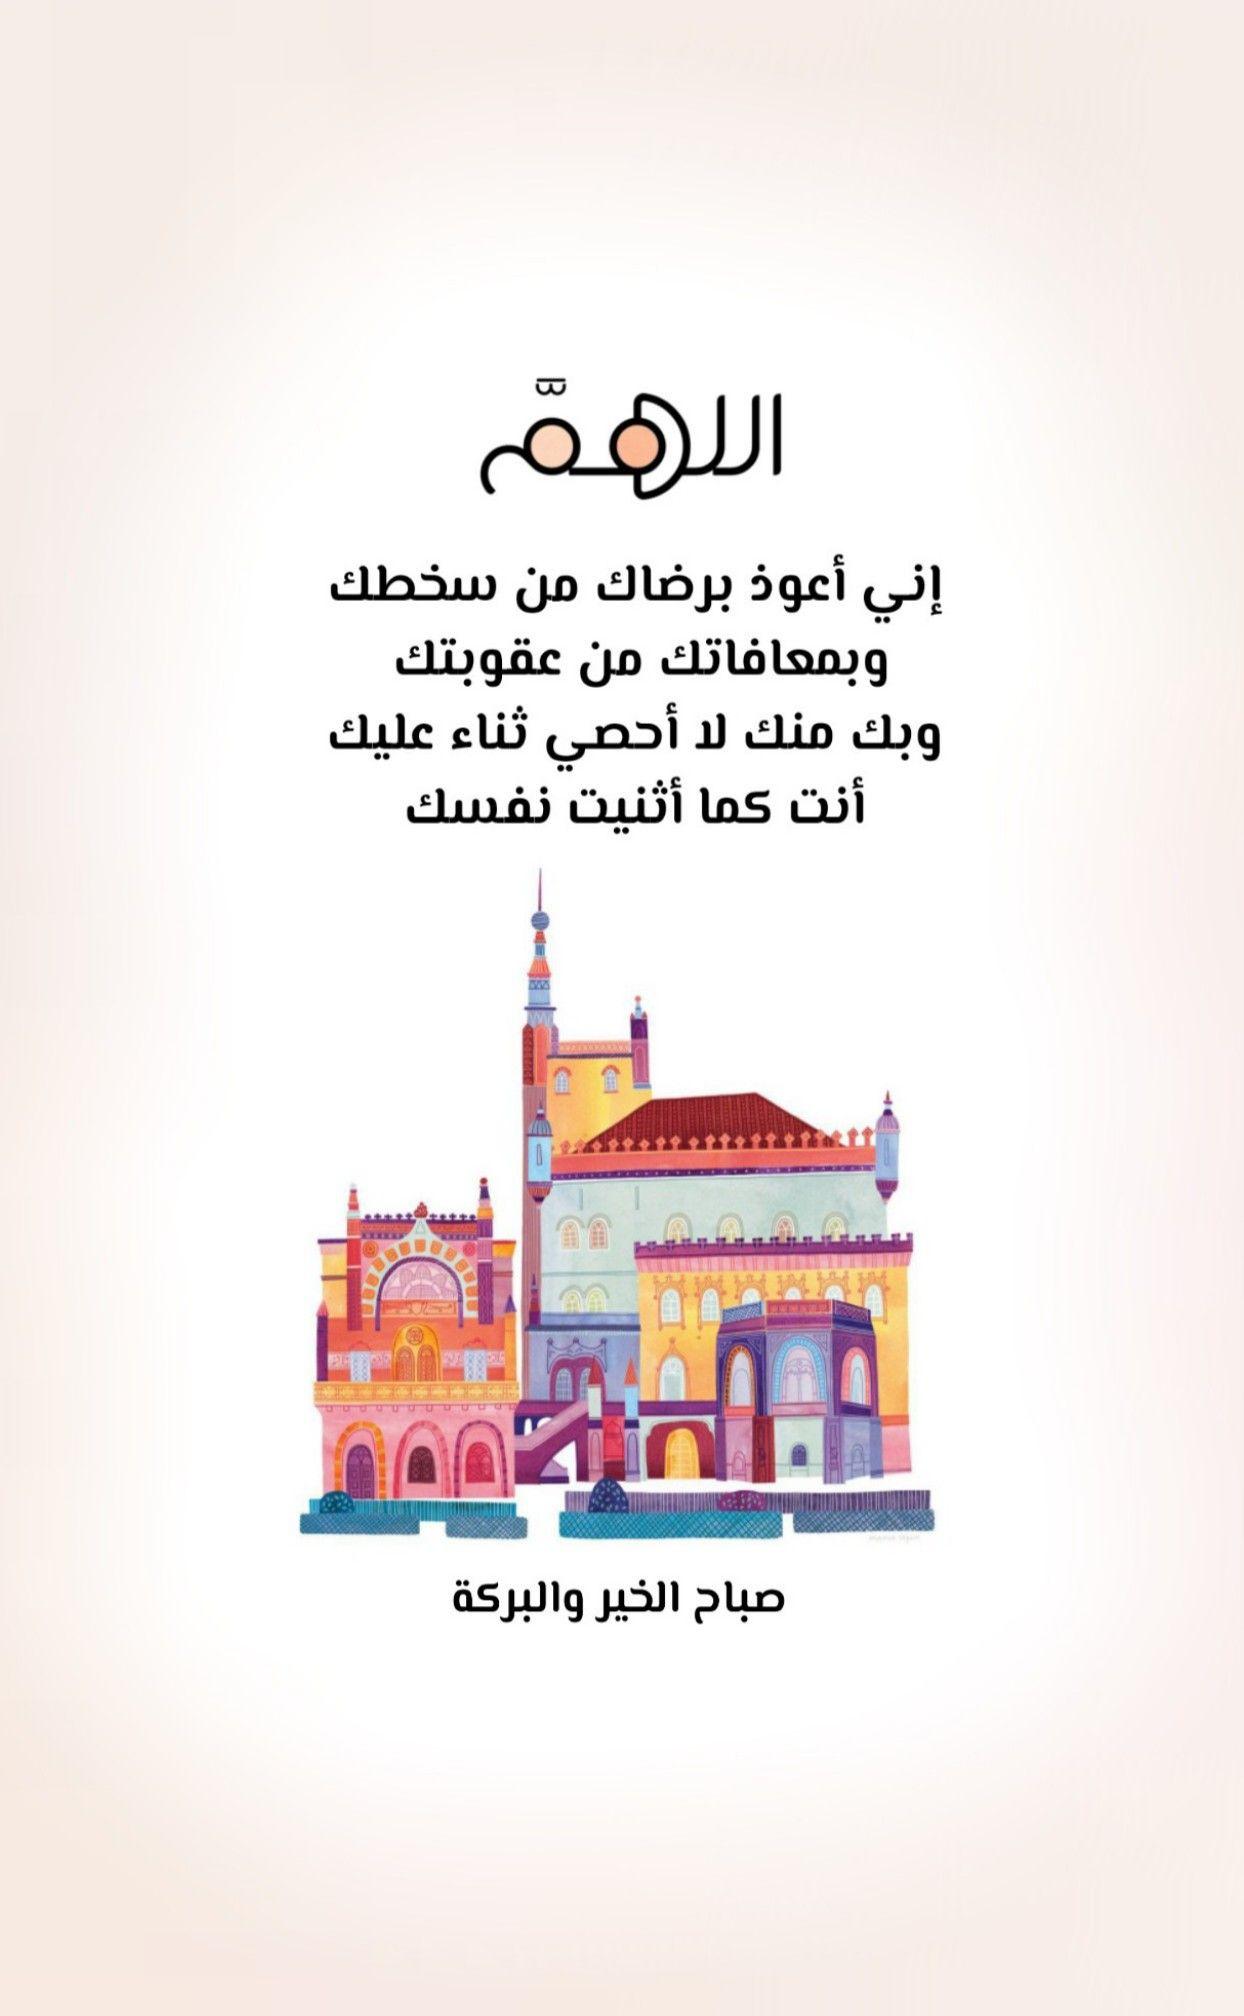 اللهم إني أعوذ برضاك من سخطك وبمعافاتك من عقوبتك وبك منك لا أحصي ثناء عليك أنت كما أثنيت نف Morning Greetings Quotes Ramadan Quotes Good Morning Arabic